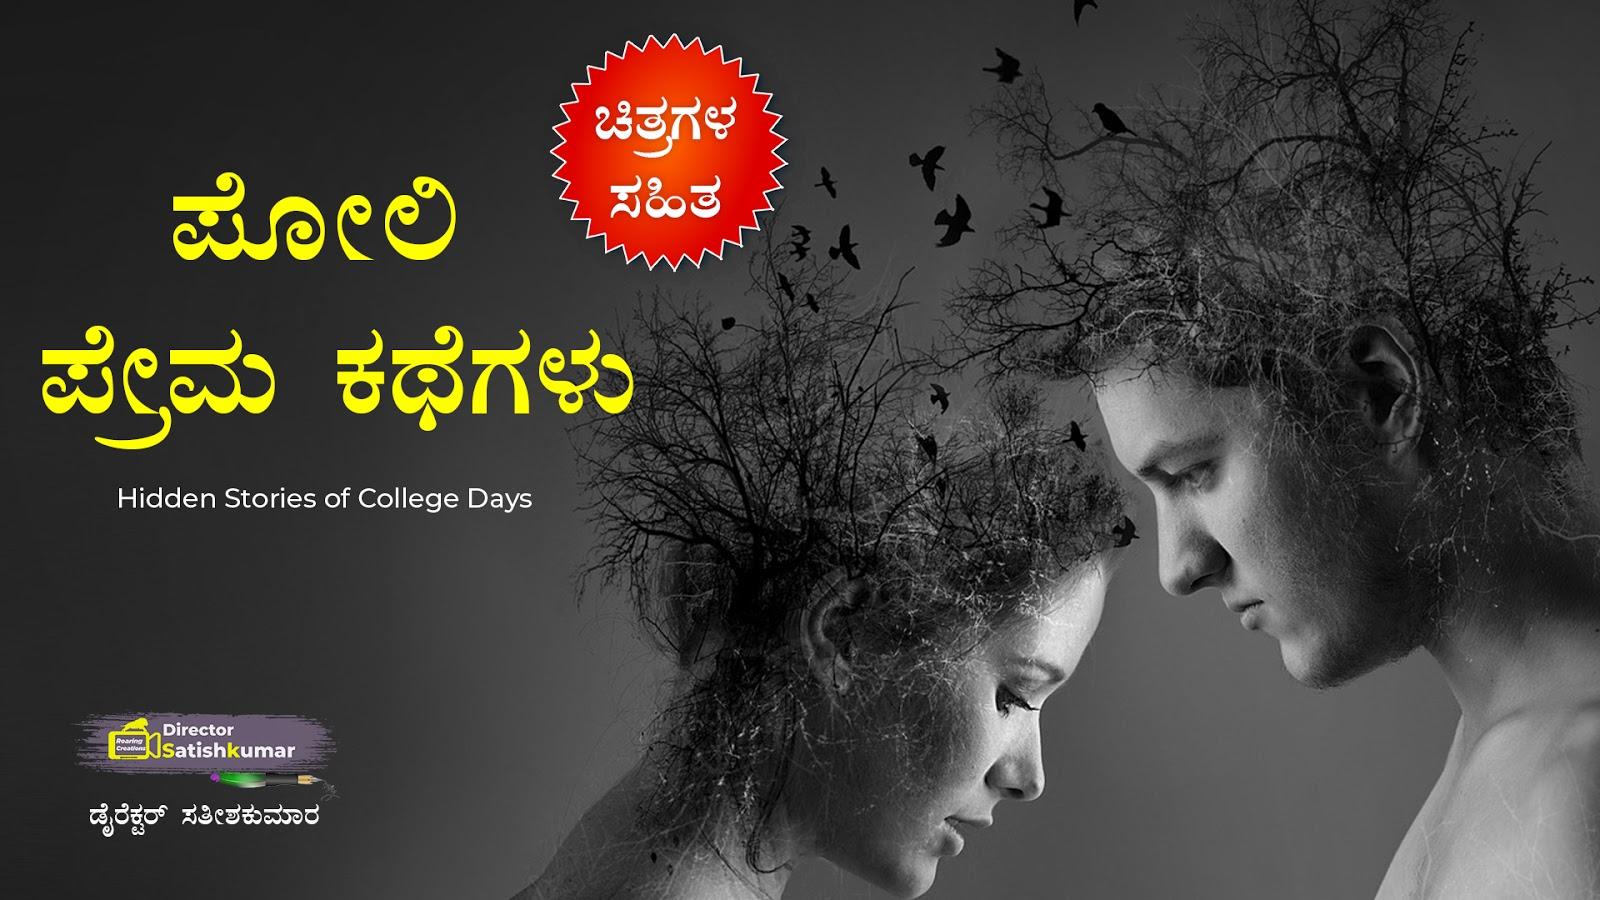 ಪೋಲಿ ಪ್ರೇಮ ಕಥೆಗಳು - Kannada Short Love Stories